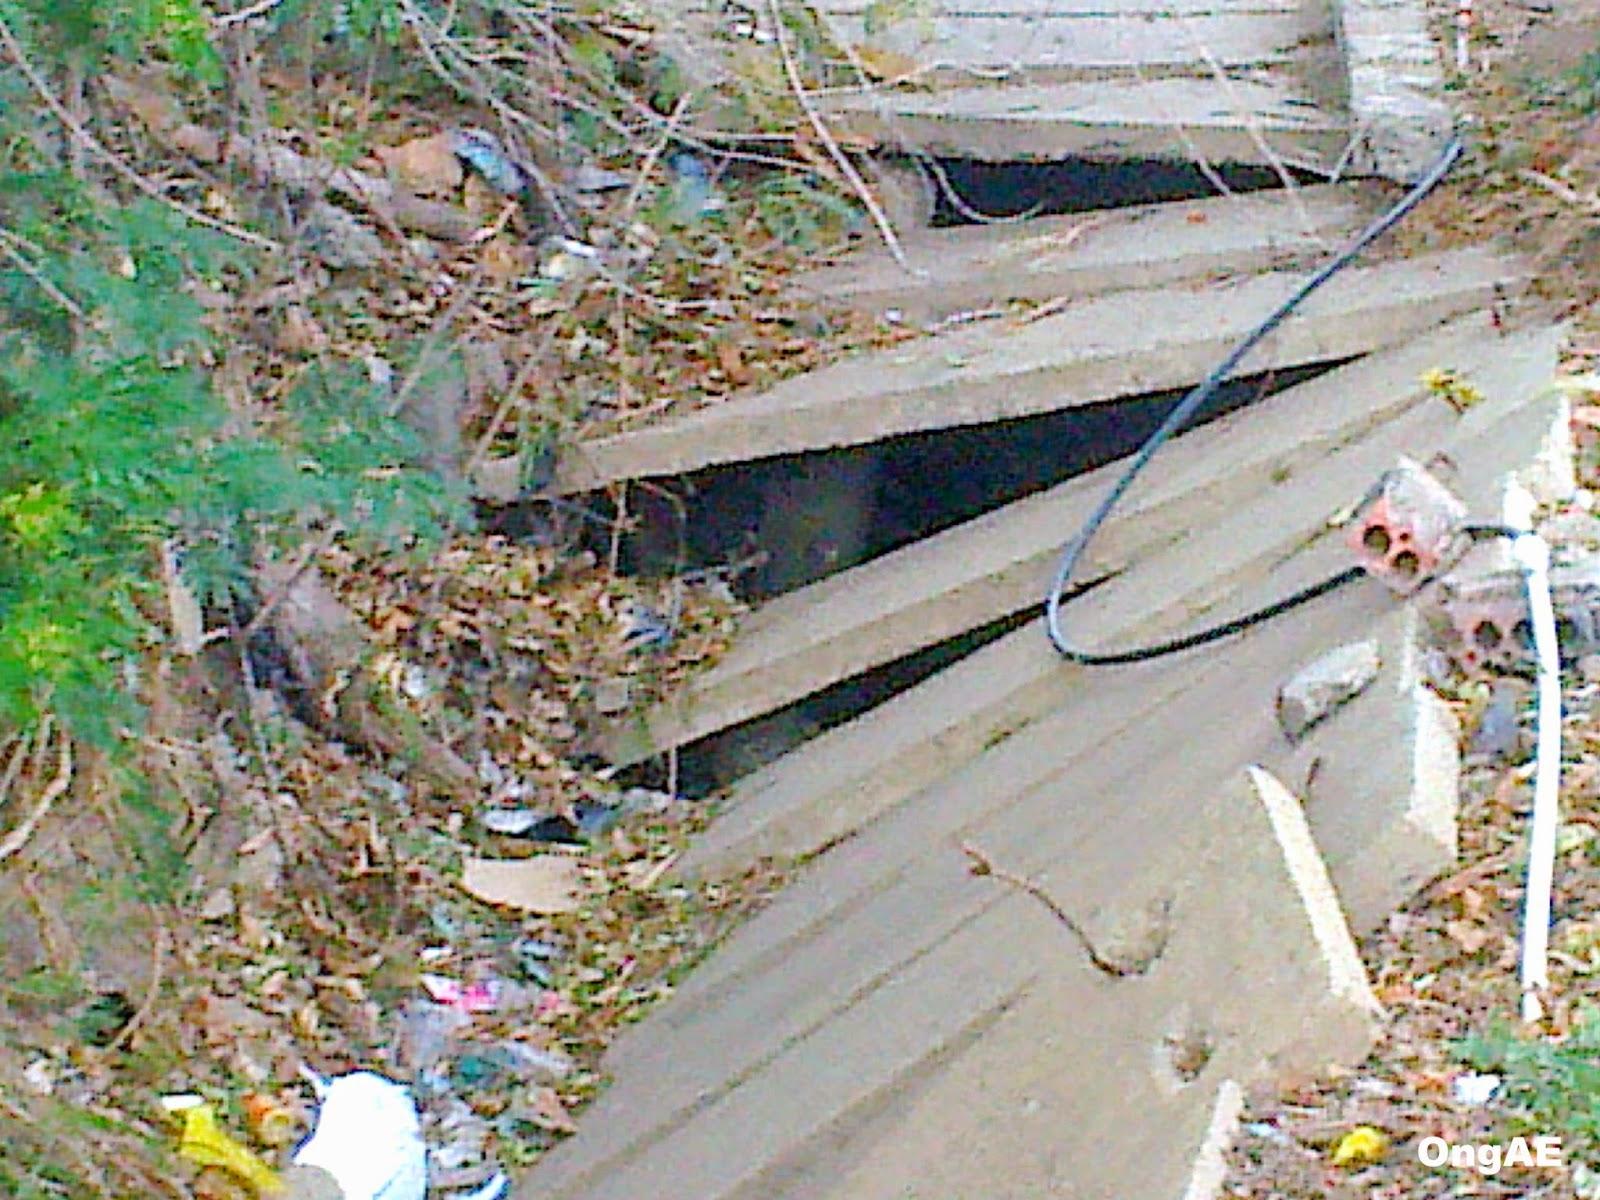 Derecho de petición a Alcalde de Cúcuta pidiendo limpieza y reconstrucción y tapa para canal de aguas lluvias en calle 5A del sector San Felipe de Chapinero